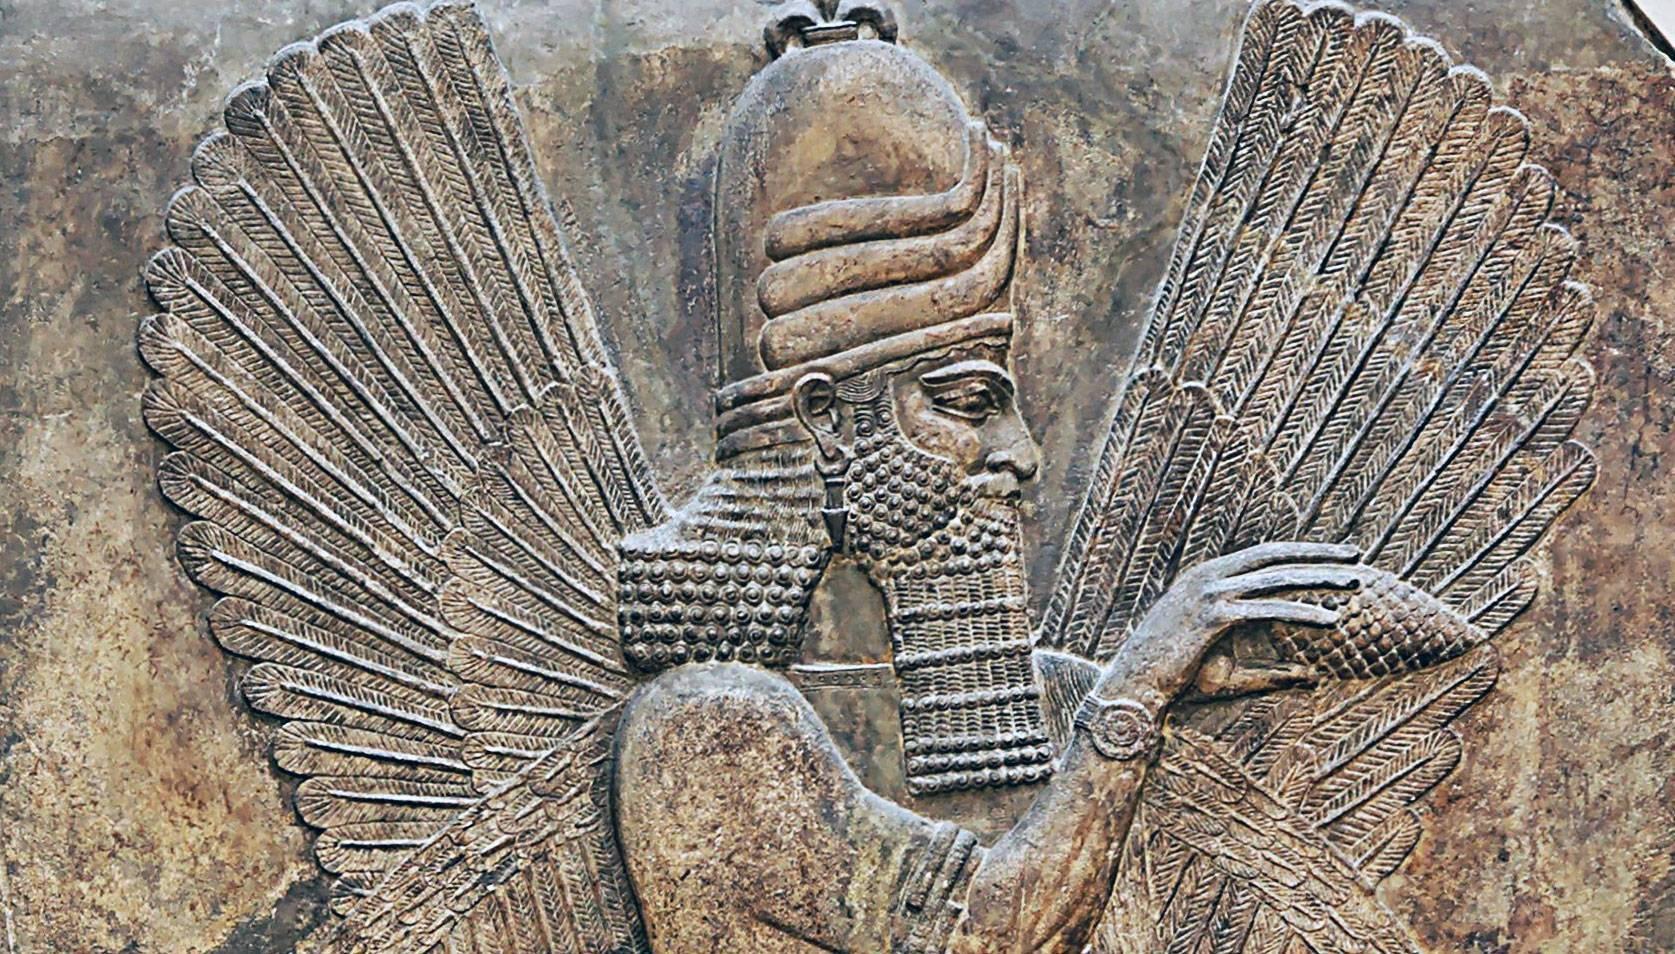 Epopeea lui Ghilgameș perspectivă asupra lumii vechi. Mitul potopului în cea mai veche operă literară